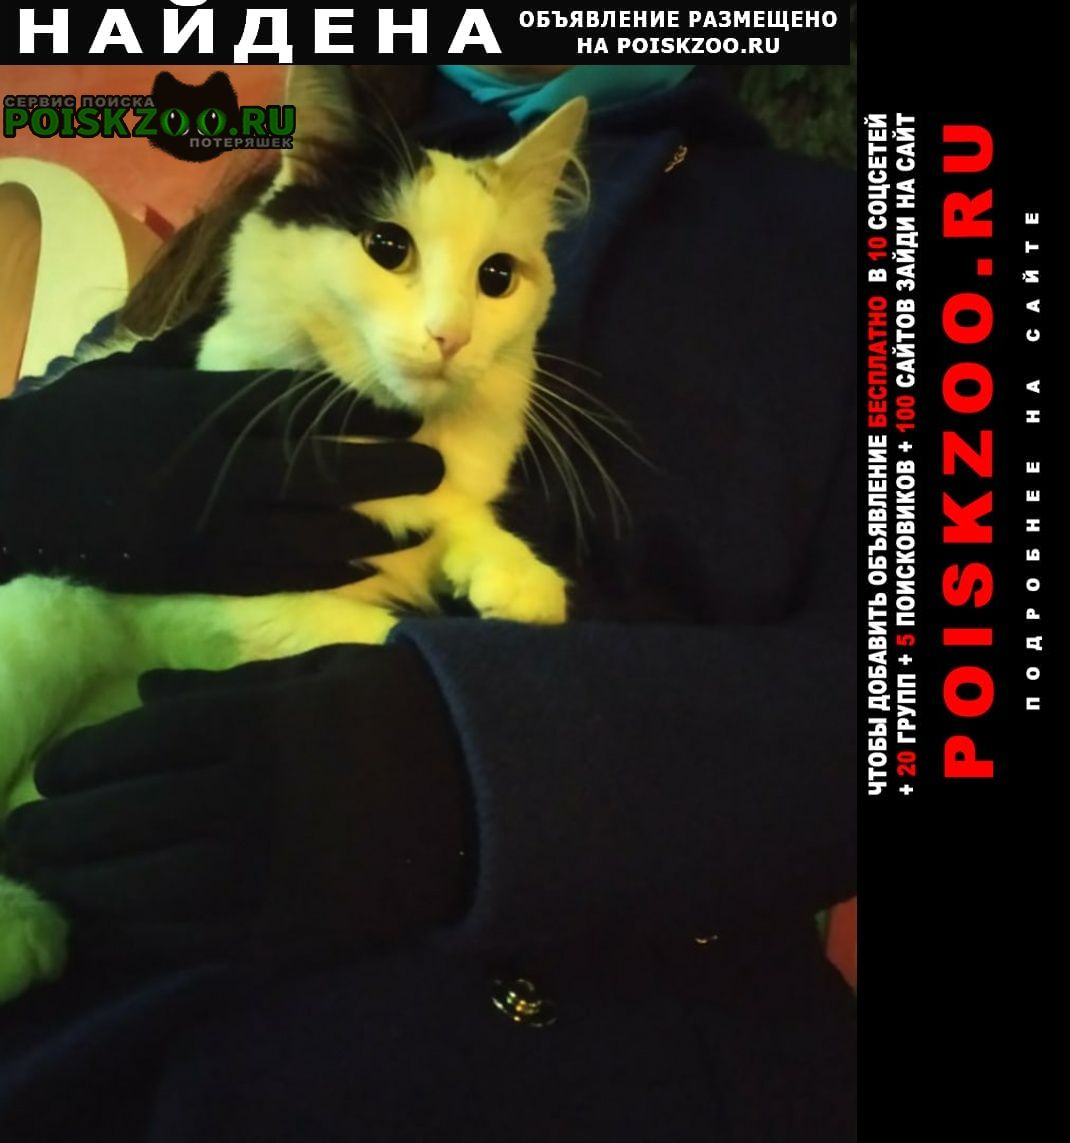 Найдена кошка в кировском районе Ярославль